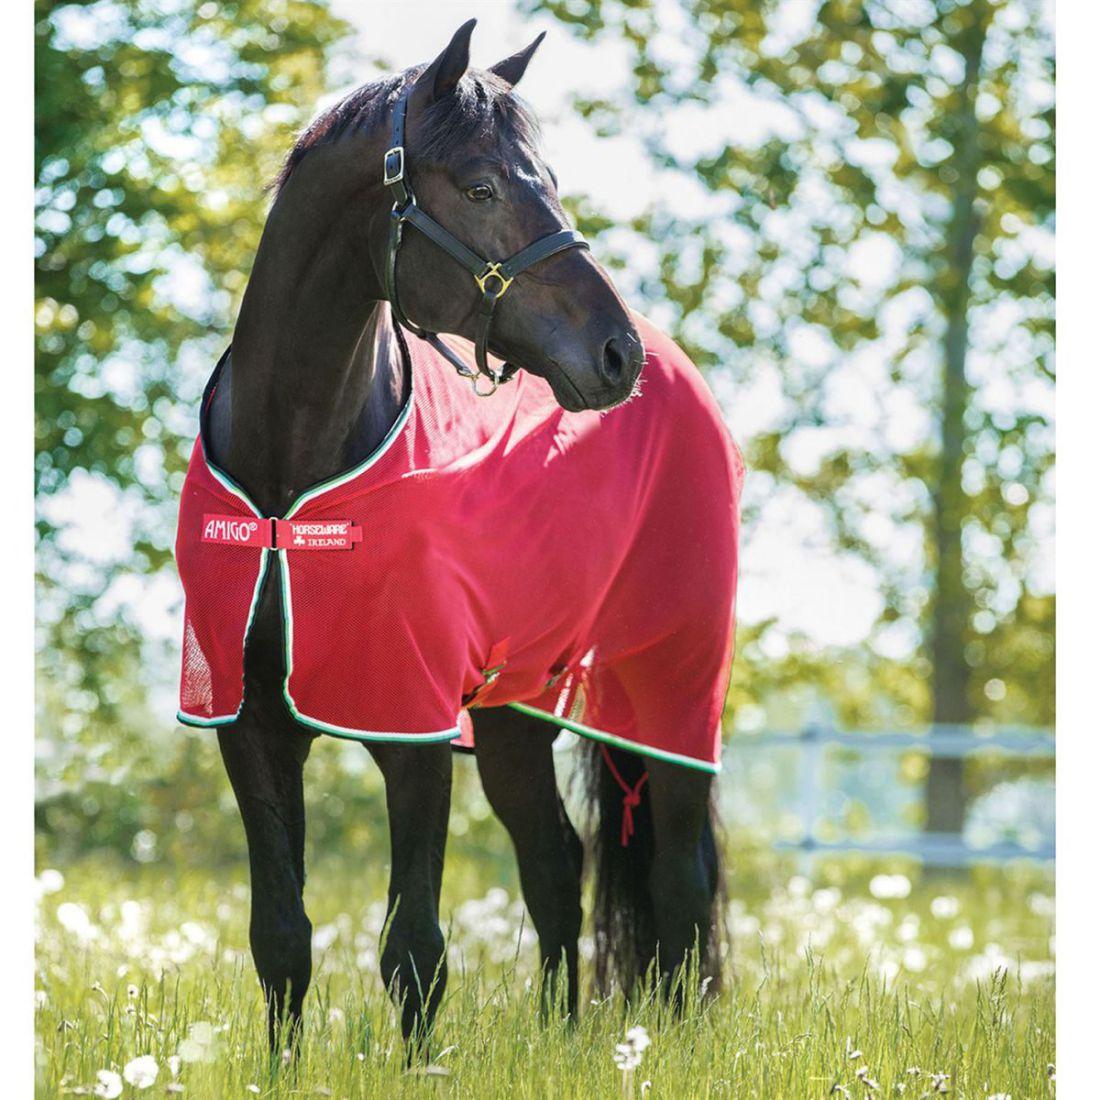 Amigo Net Cooler Unisex Horse Rug Classic